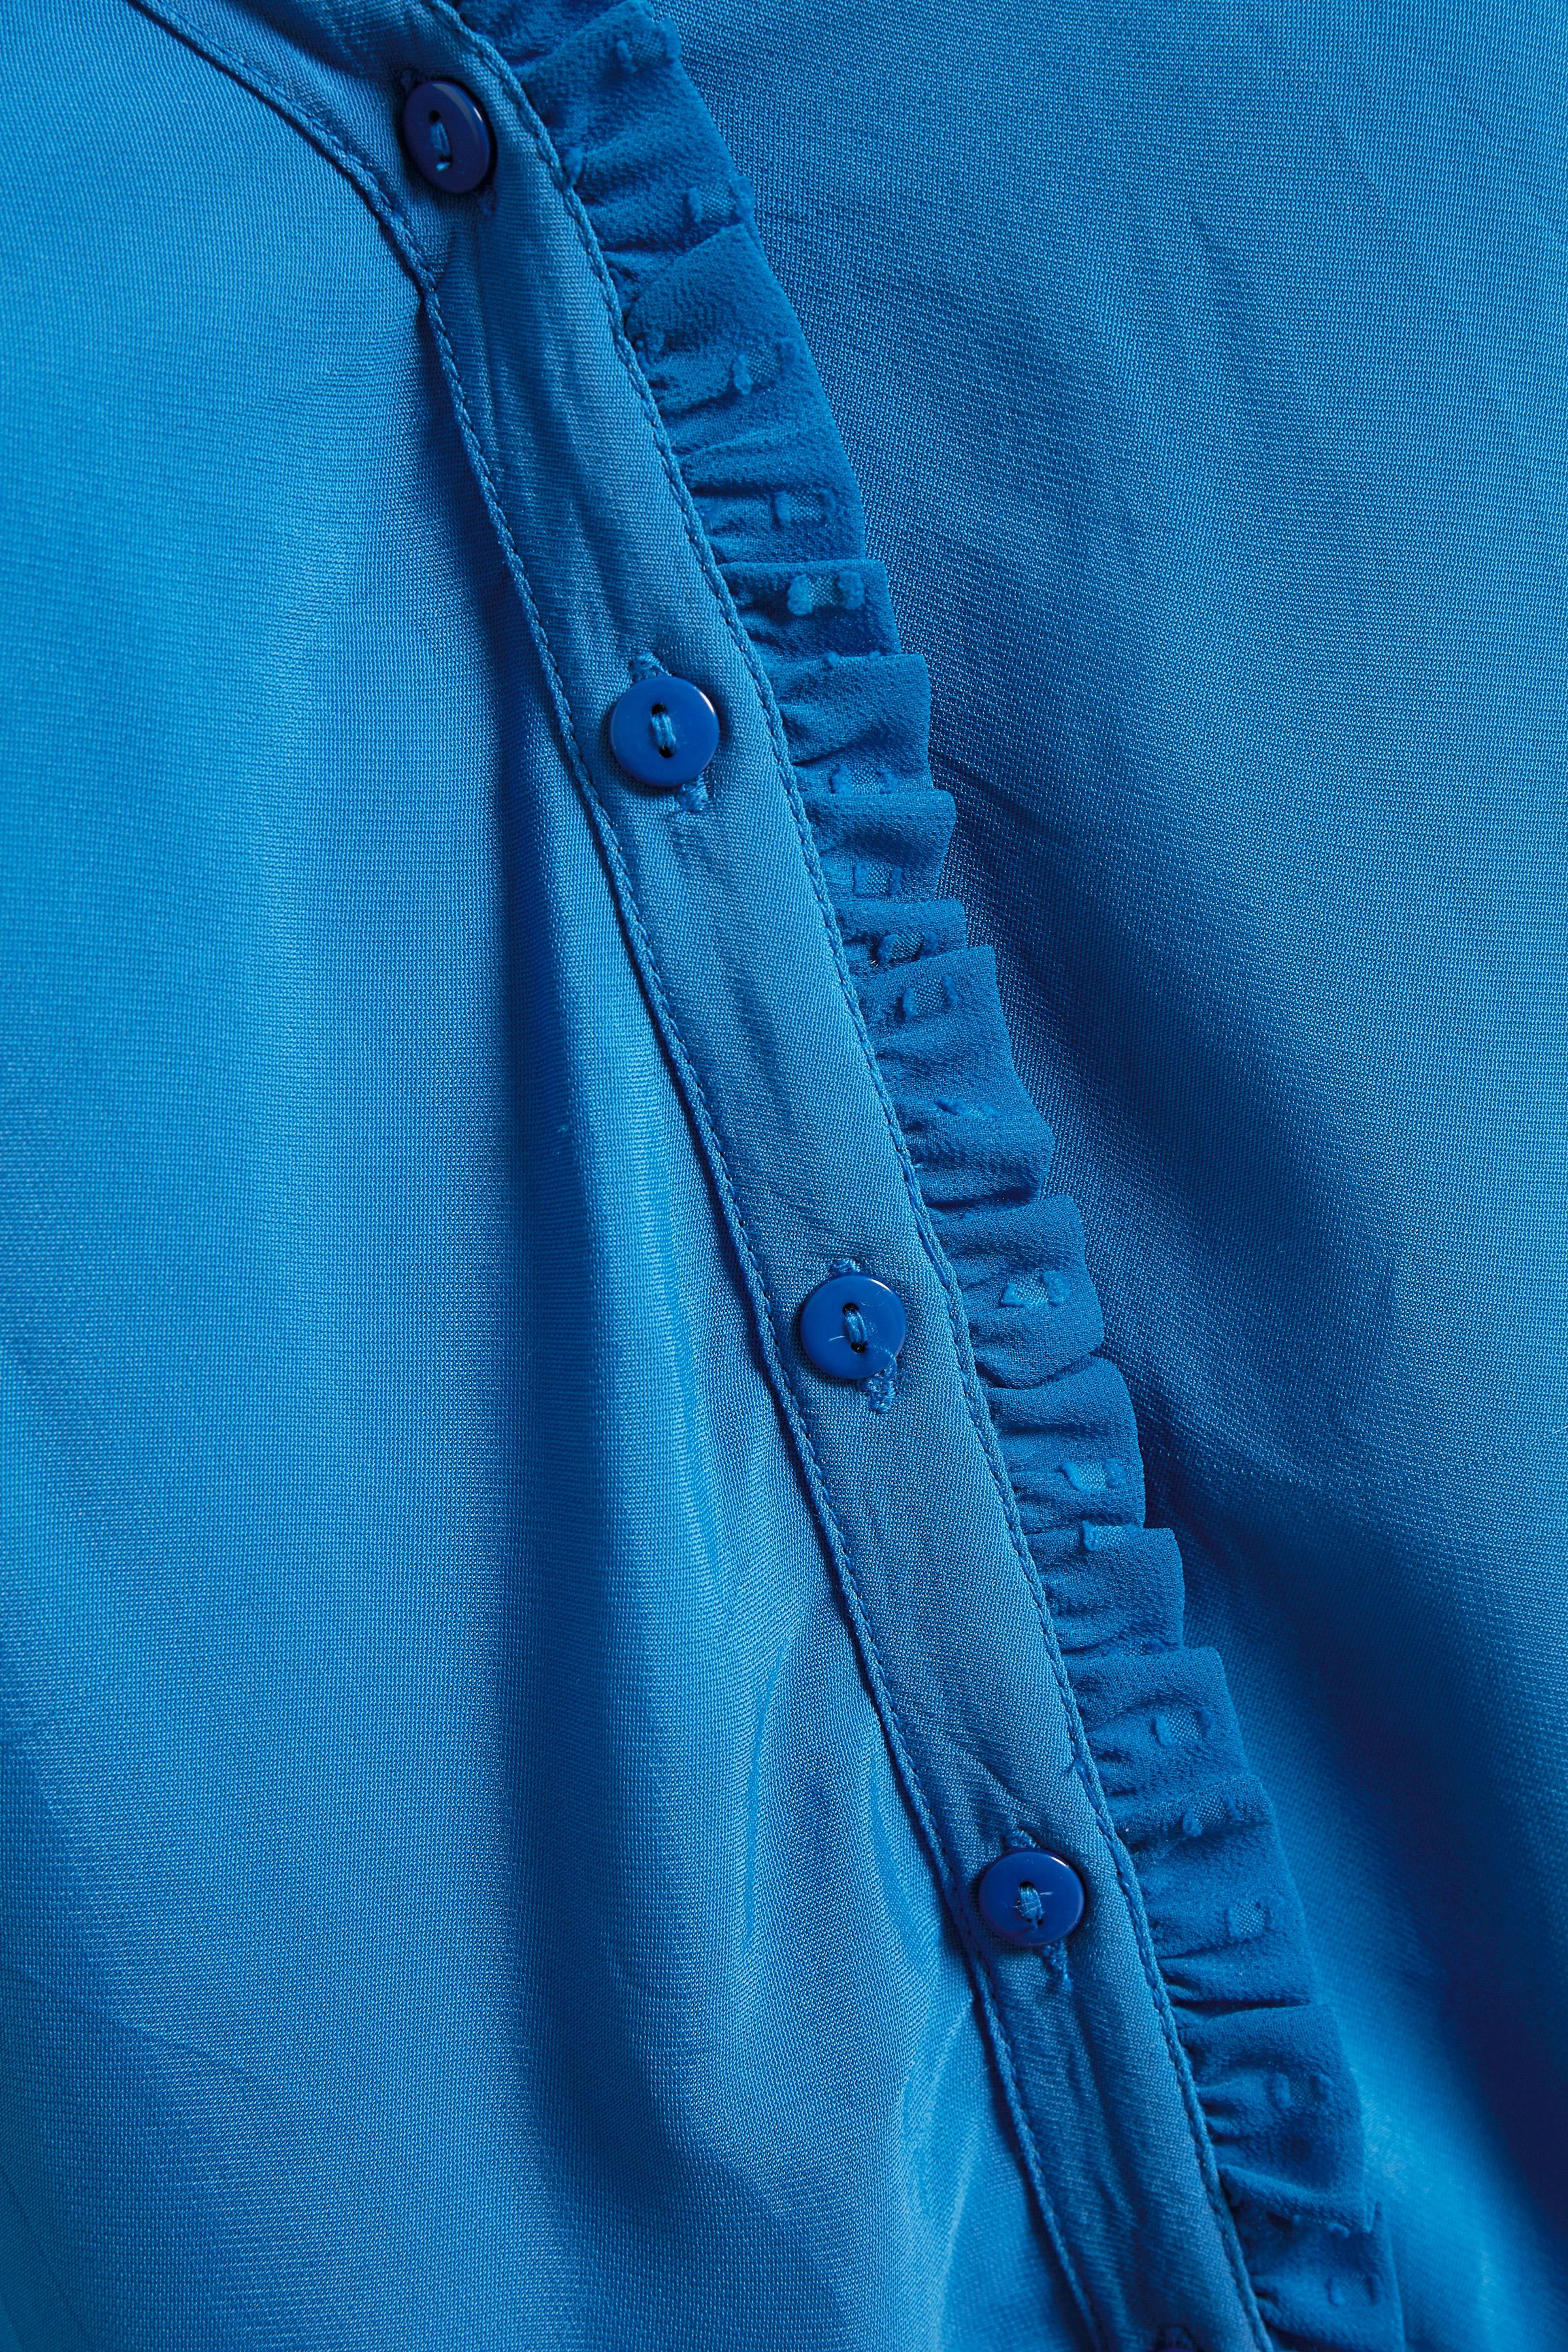 Blauw Blouse lange mouw van Dranella – Door Blauw Blouse lange mouw van maat. 34-46 hier